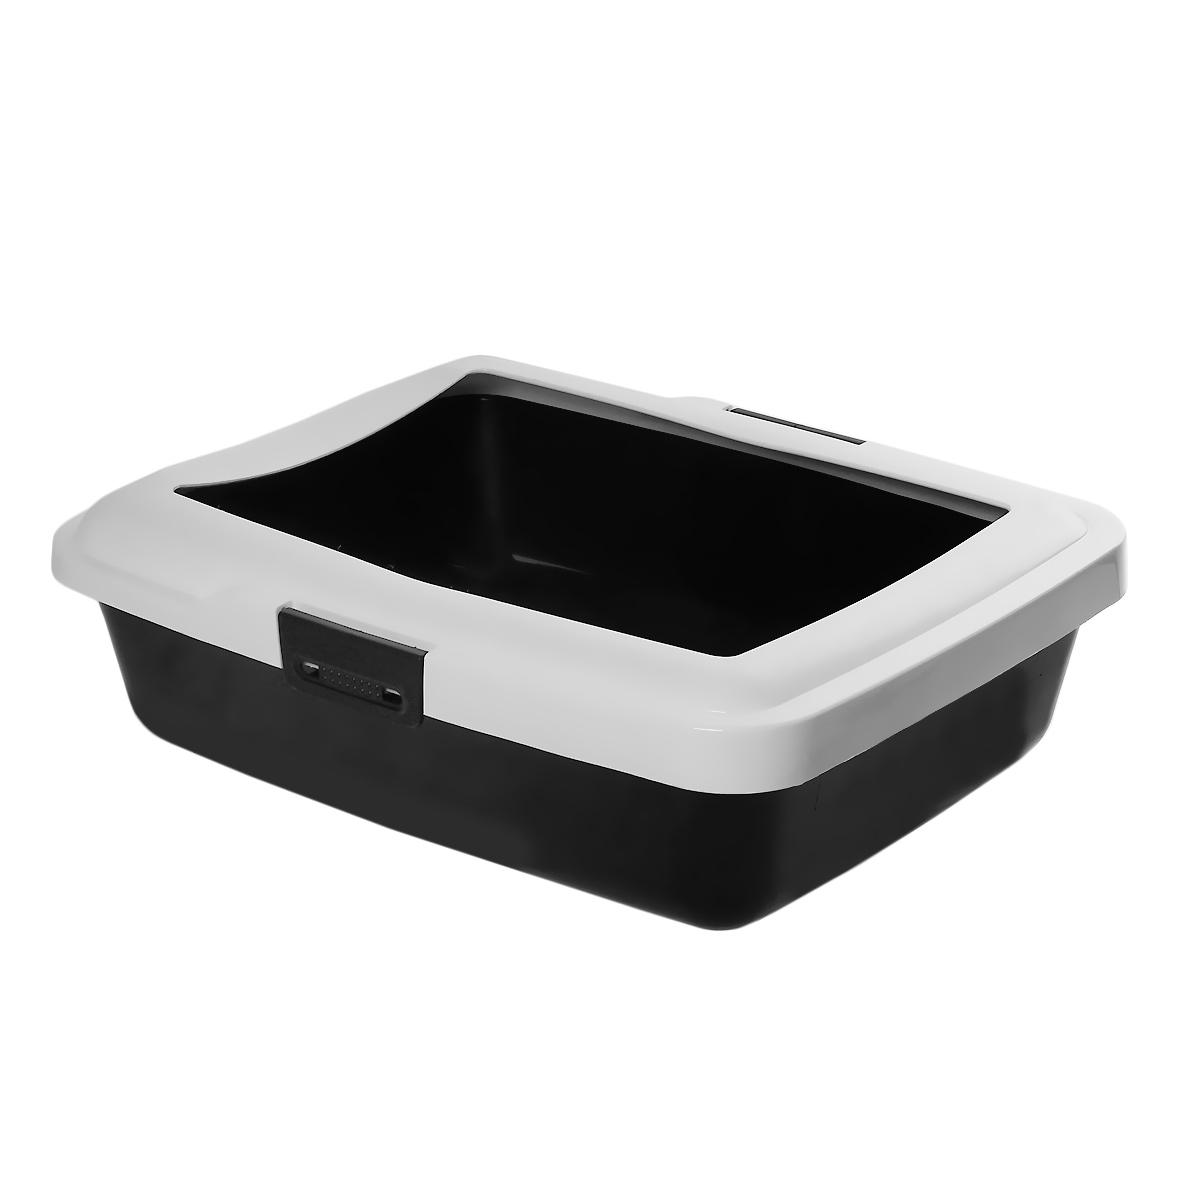 Туалет для кошек Savic Aristos Large, с бортом, цвет: черный, белый, 49,5 см х 39,5 см х 15 см226Туалет для кошек Savic Aristos Large изготовлен из качественного прочного пластика. Высокий цветной борт, прикрепленный по периметру лотка замками, удобно защелкивается и предотвращает разбрасывание наполнителя.Это самый простой в употреблении предмет обихода для кошек и котов.